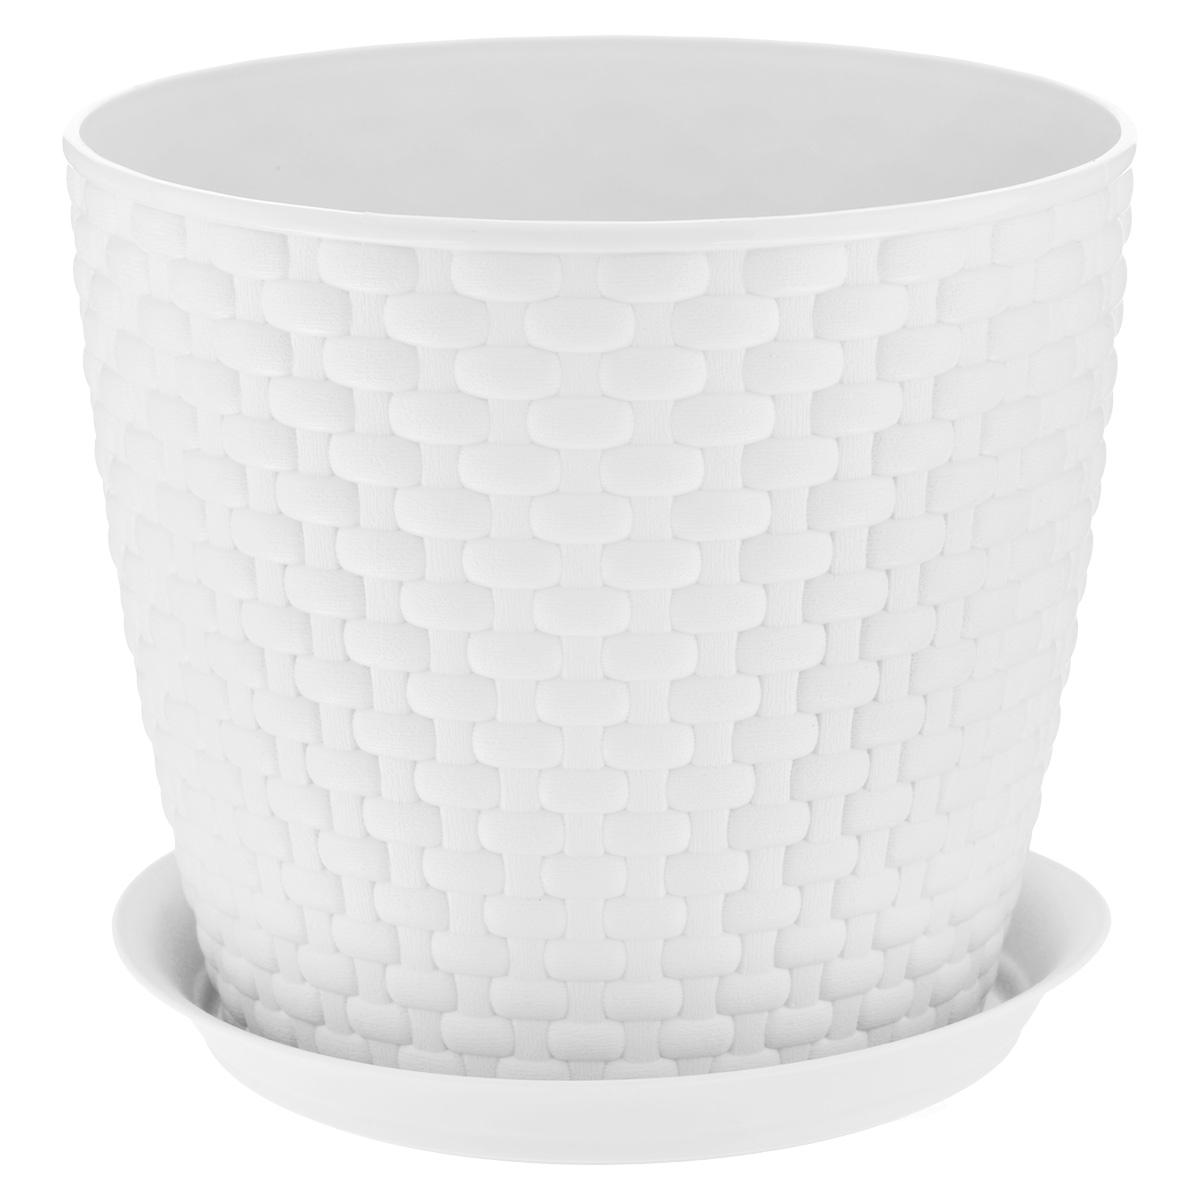 Кашпо Idea Ротанг, с поддоном, цвет: белый, 4,7 лМ 3083Кашпо Idea Ротанг изготовлено из высококачественного пластика. Специальный поддон предназначен для стока воды. Изделие прекрасно подходит для выращивания растений и цветов в домашних условиях. Лаконичный дизайн впишется в интерьер любого помещения. Диаметр поддона: 19,5 см. Объем кашпо: 4,7 л.Диаметр кашпо по верхнему краю: 21 см.Высота кашпо: 18 см.